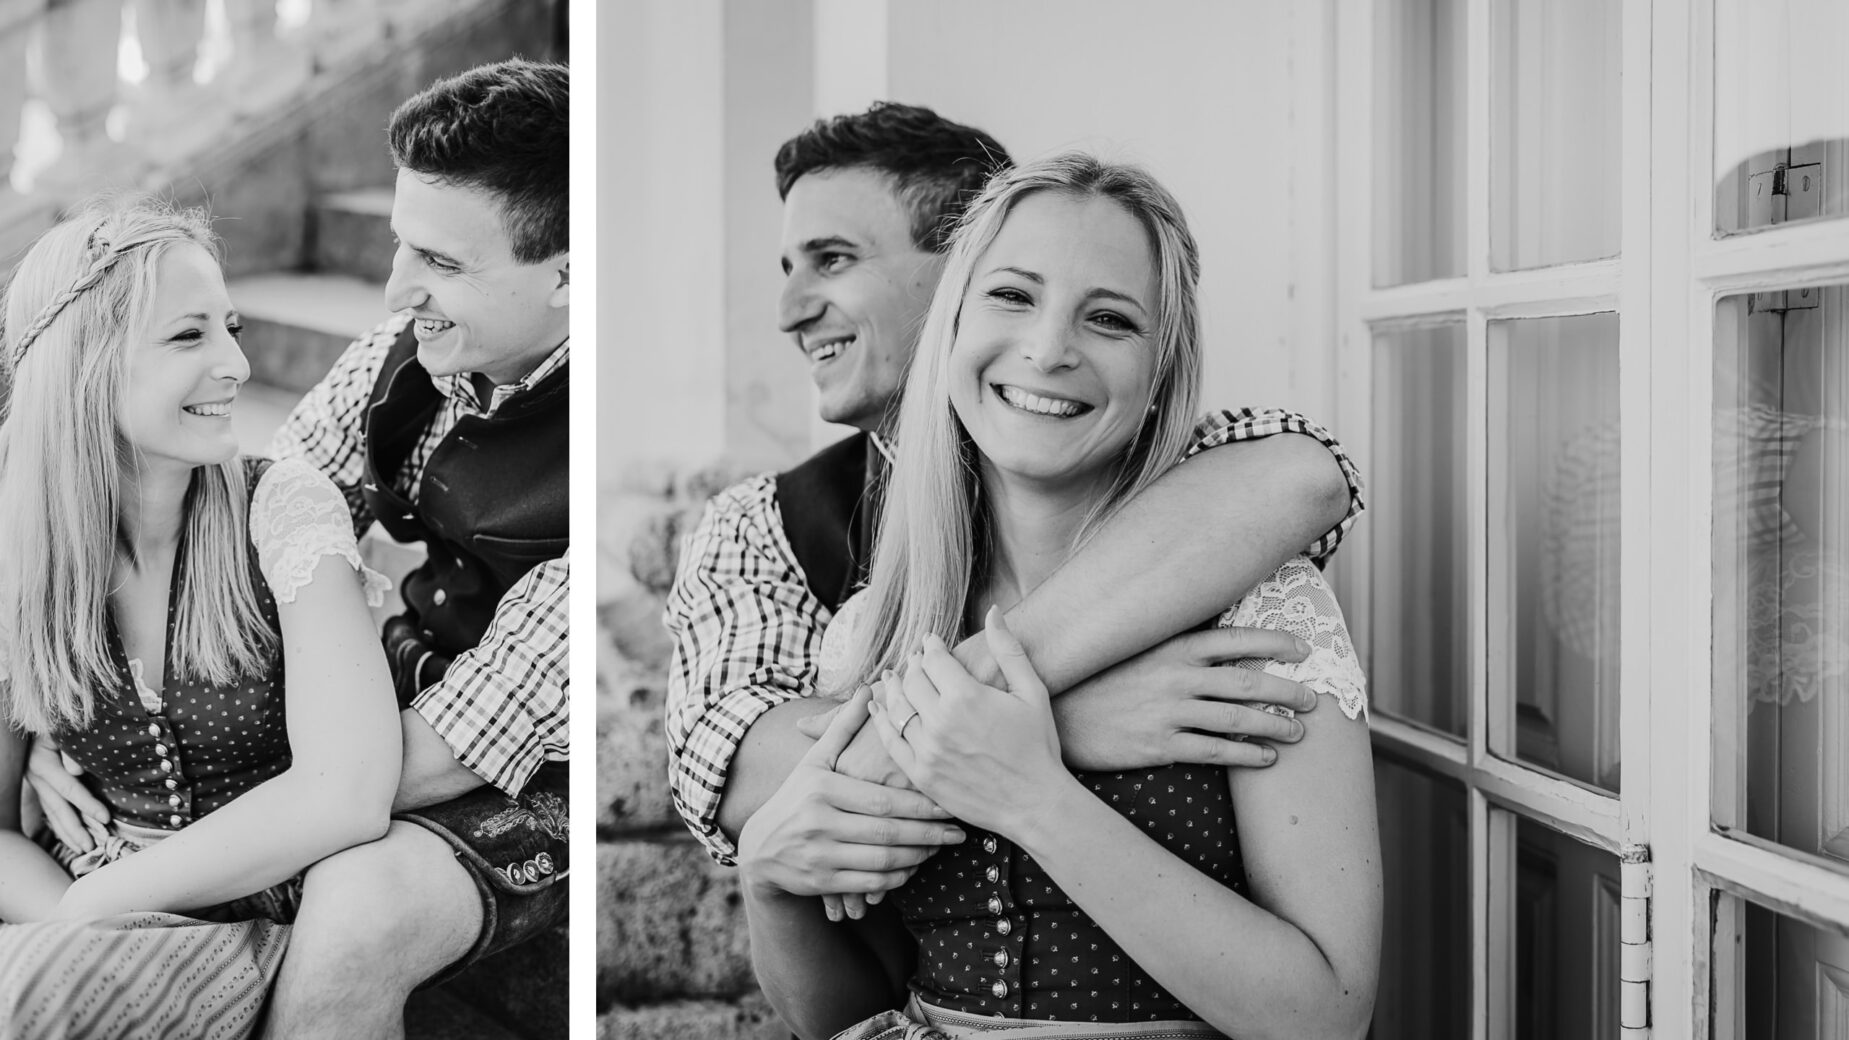 Paarfotos und Engagementbilder in München und Umgebung, Paar mit Trachtenoutfit